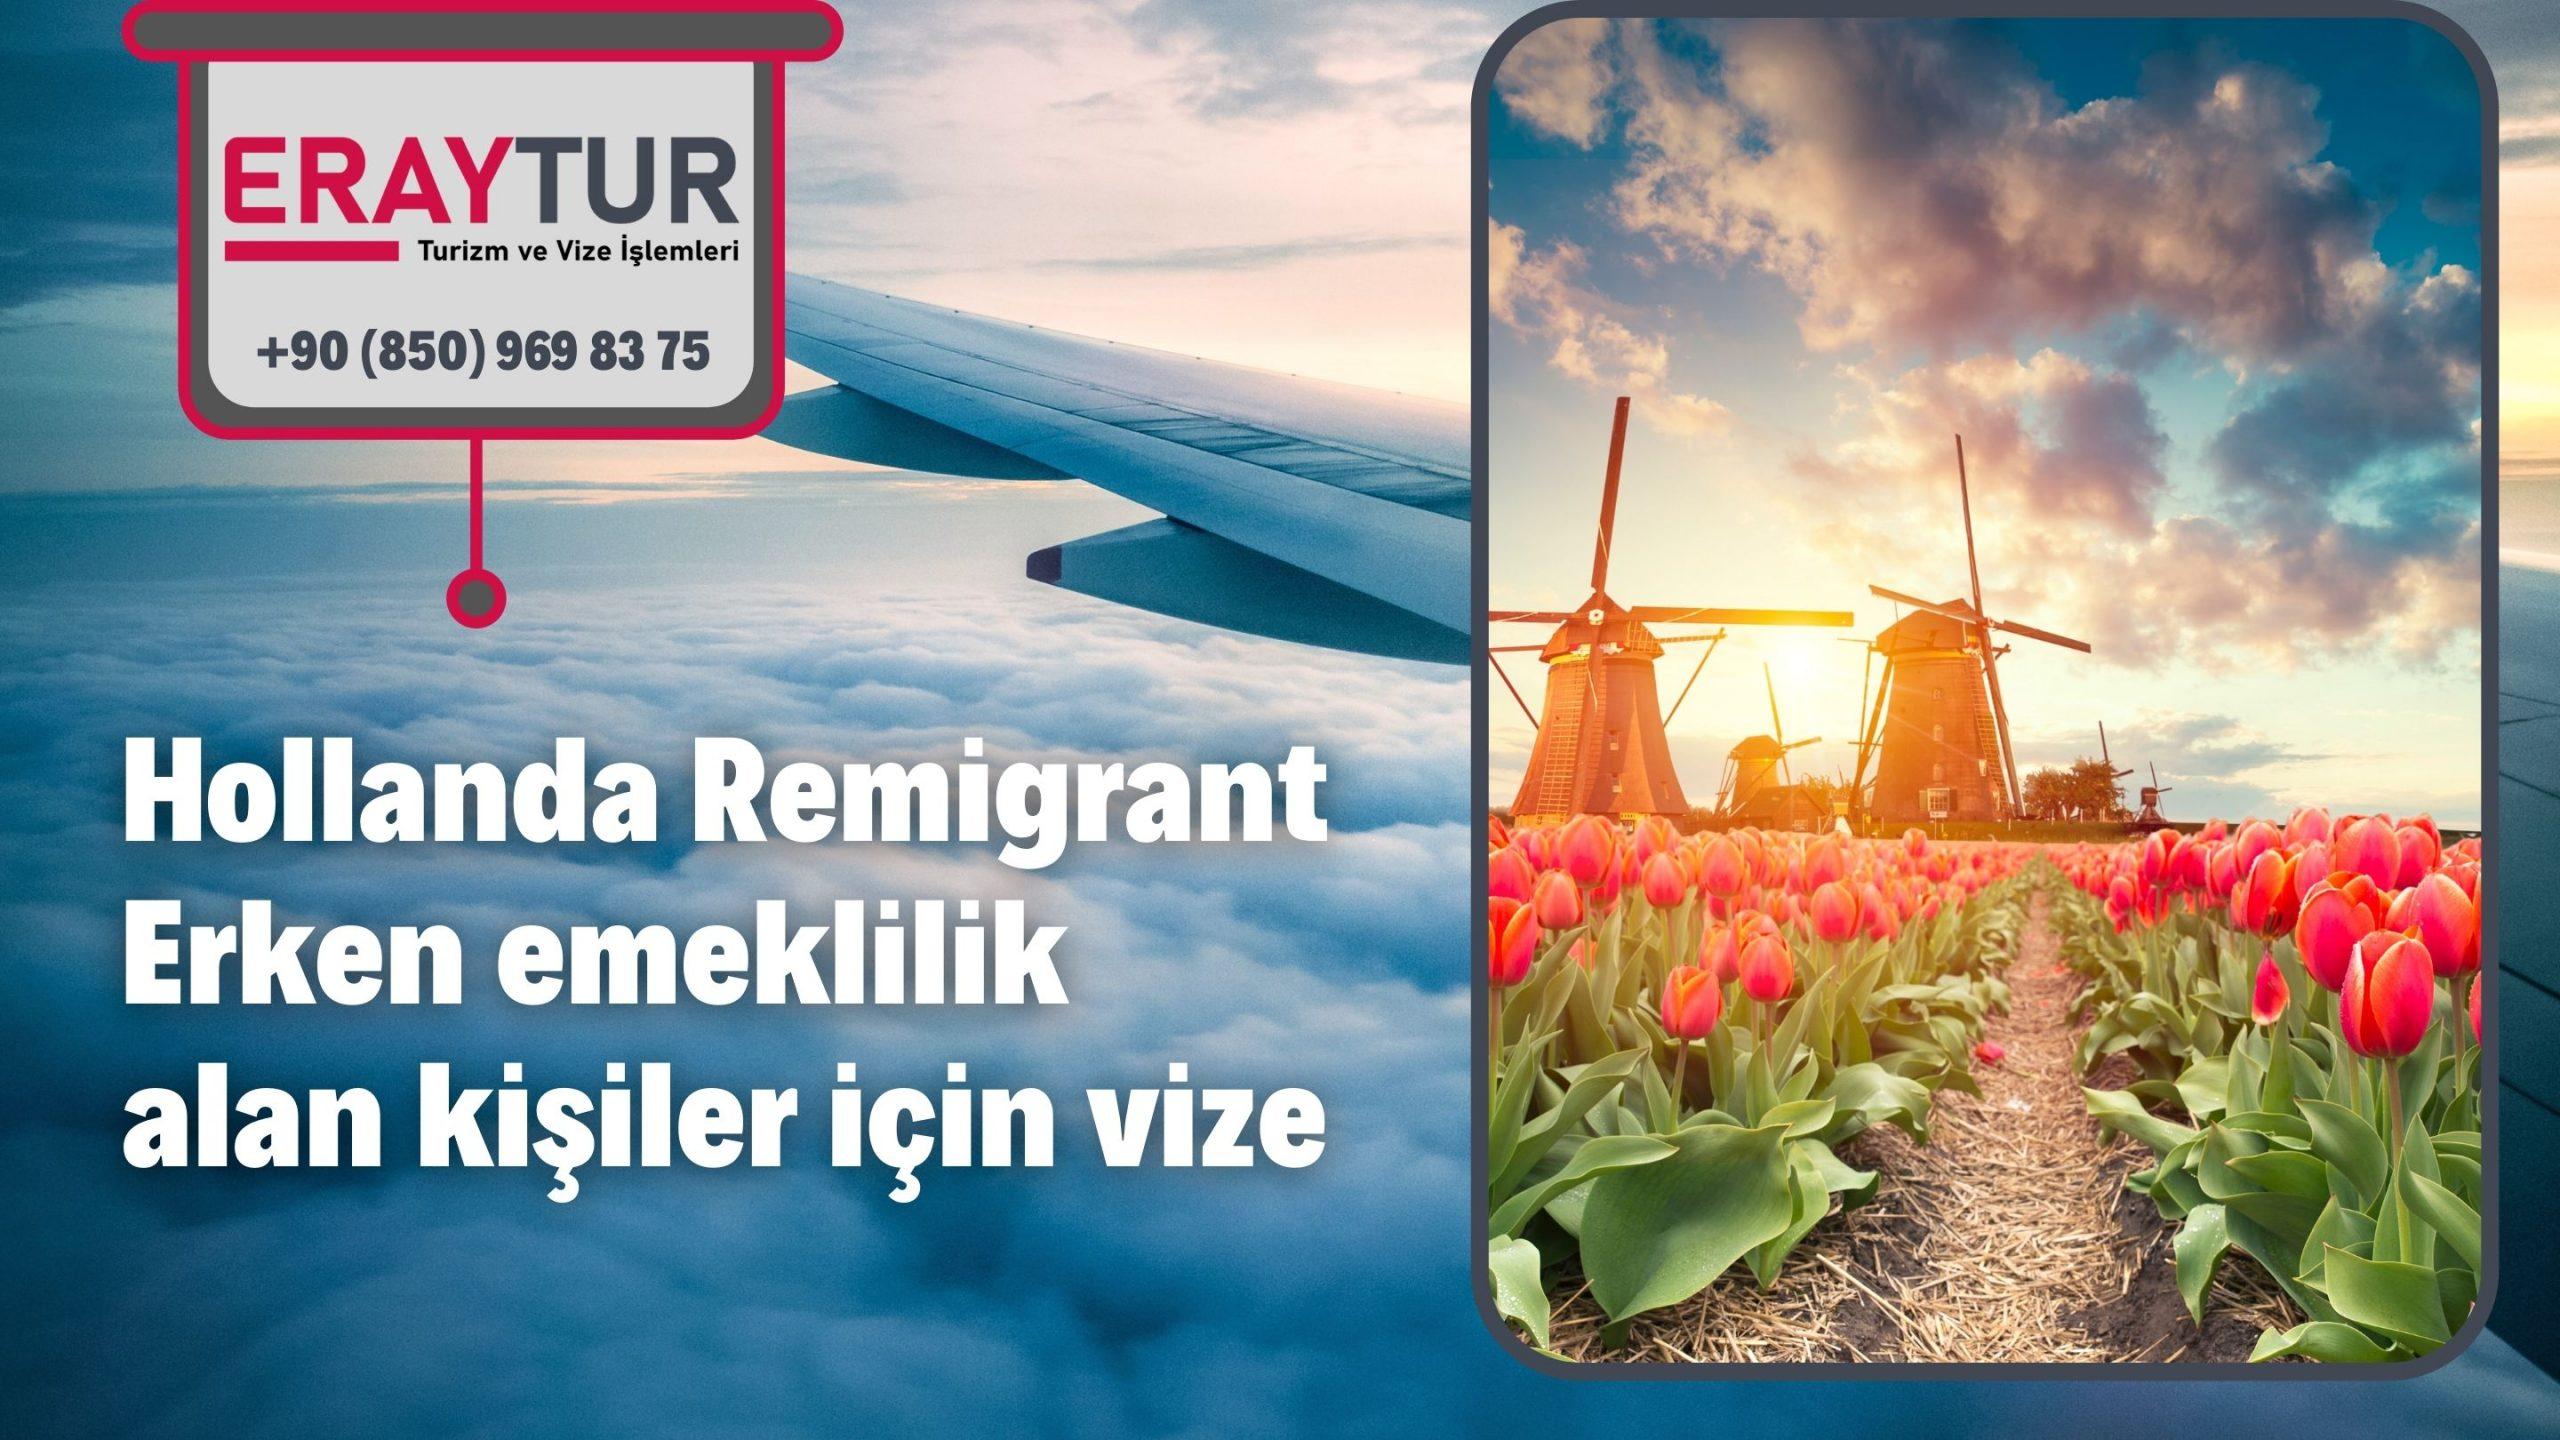 Hollanda Remigrant / Erken emeklilik alan kişiler için vize